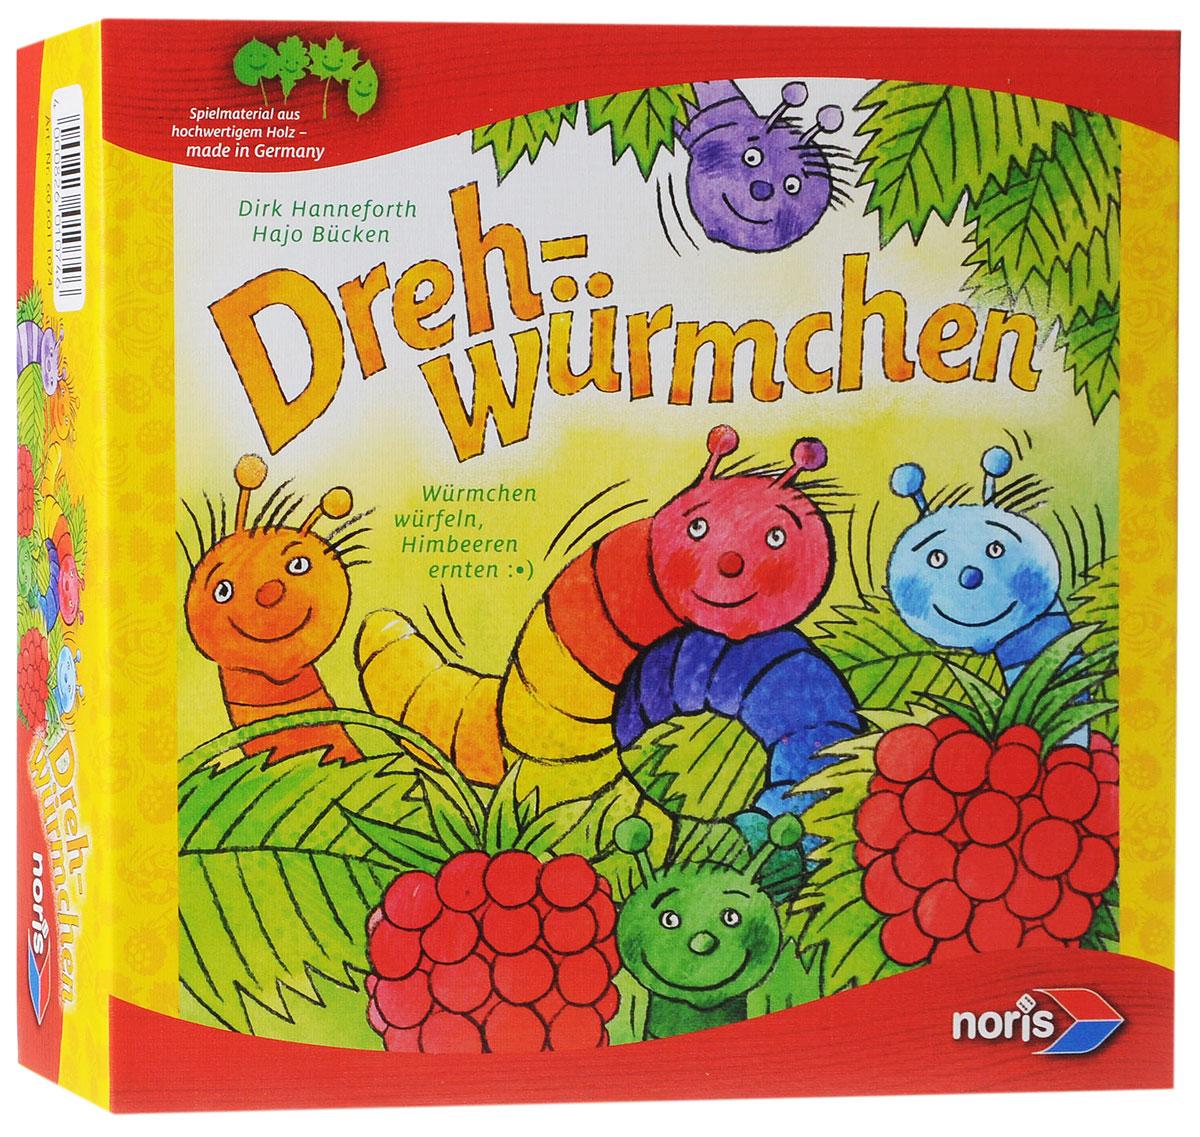 Noris Spiele Настольная игра Вертлявые червячки4000826010746Маленькие червячки очень любят лакомиться малиной. Это значит, что юным игрокам предстоит ловить червячков, чтобы те поделились с ними этими сладкими ягодами. Но поймать их можно, только когда вместе собираются три червячка одного цвета! Настольная игра Noris Spiele Вертлявые червячки - динамичная увлекательная игра, которая точно не даст вам заскучать. Поиски червячков хорошо развивают внимание и мелкую моторику, ведь вам предстоит ловить их как можно быстрее! Хитрые червячки поделятся малиной только с тем, кто соберет три диска с червячками одного цвета. Игроки бросают кубик со специальными символами: если выпадет листик, можно будет бросить кубик еще раз, стрелка значит переход хода, ну а тот, у кого выпадет червячок, может попытать счастье, открывая диски. Все тройки, которые игрок успеет собрать до конца своего хода, можно будет обменять на ягоды. Жетоны с яркими ягодами малины выполнены из плотного картона, а диски с червячками - деревянные, ...